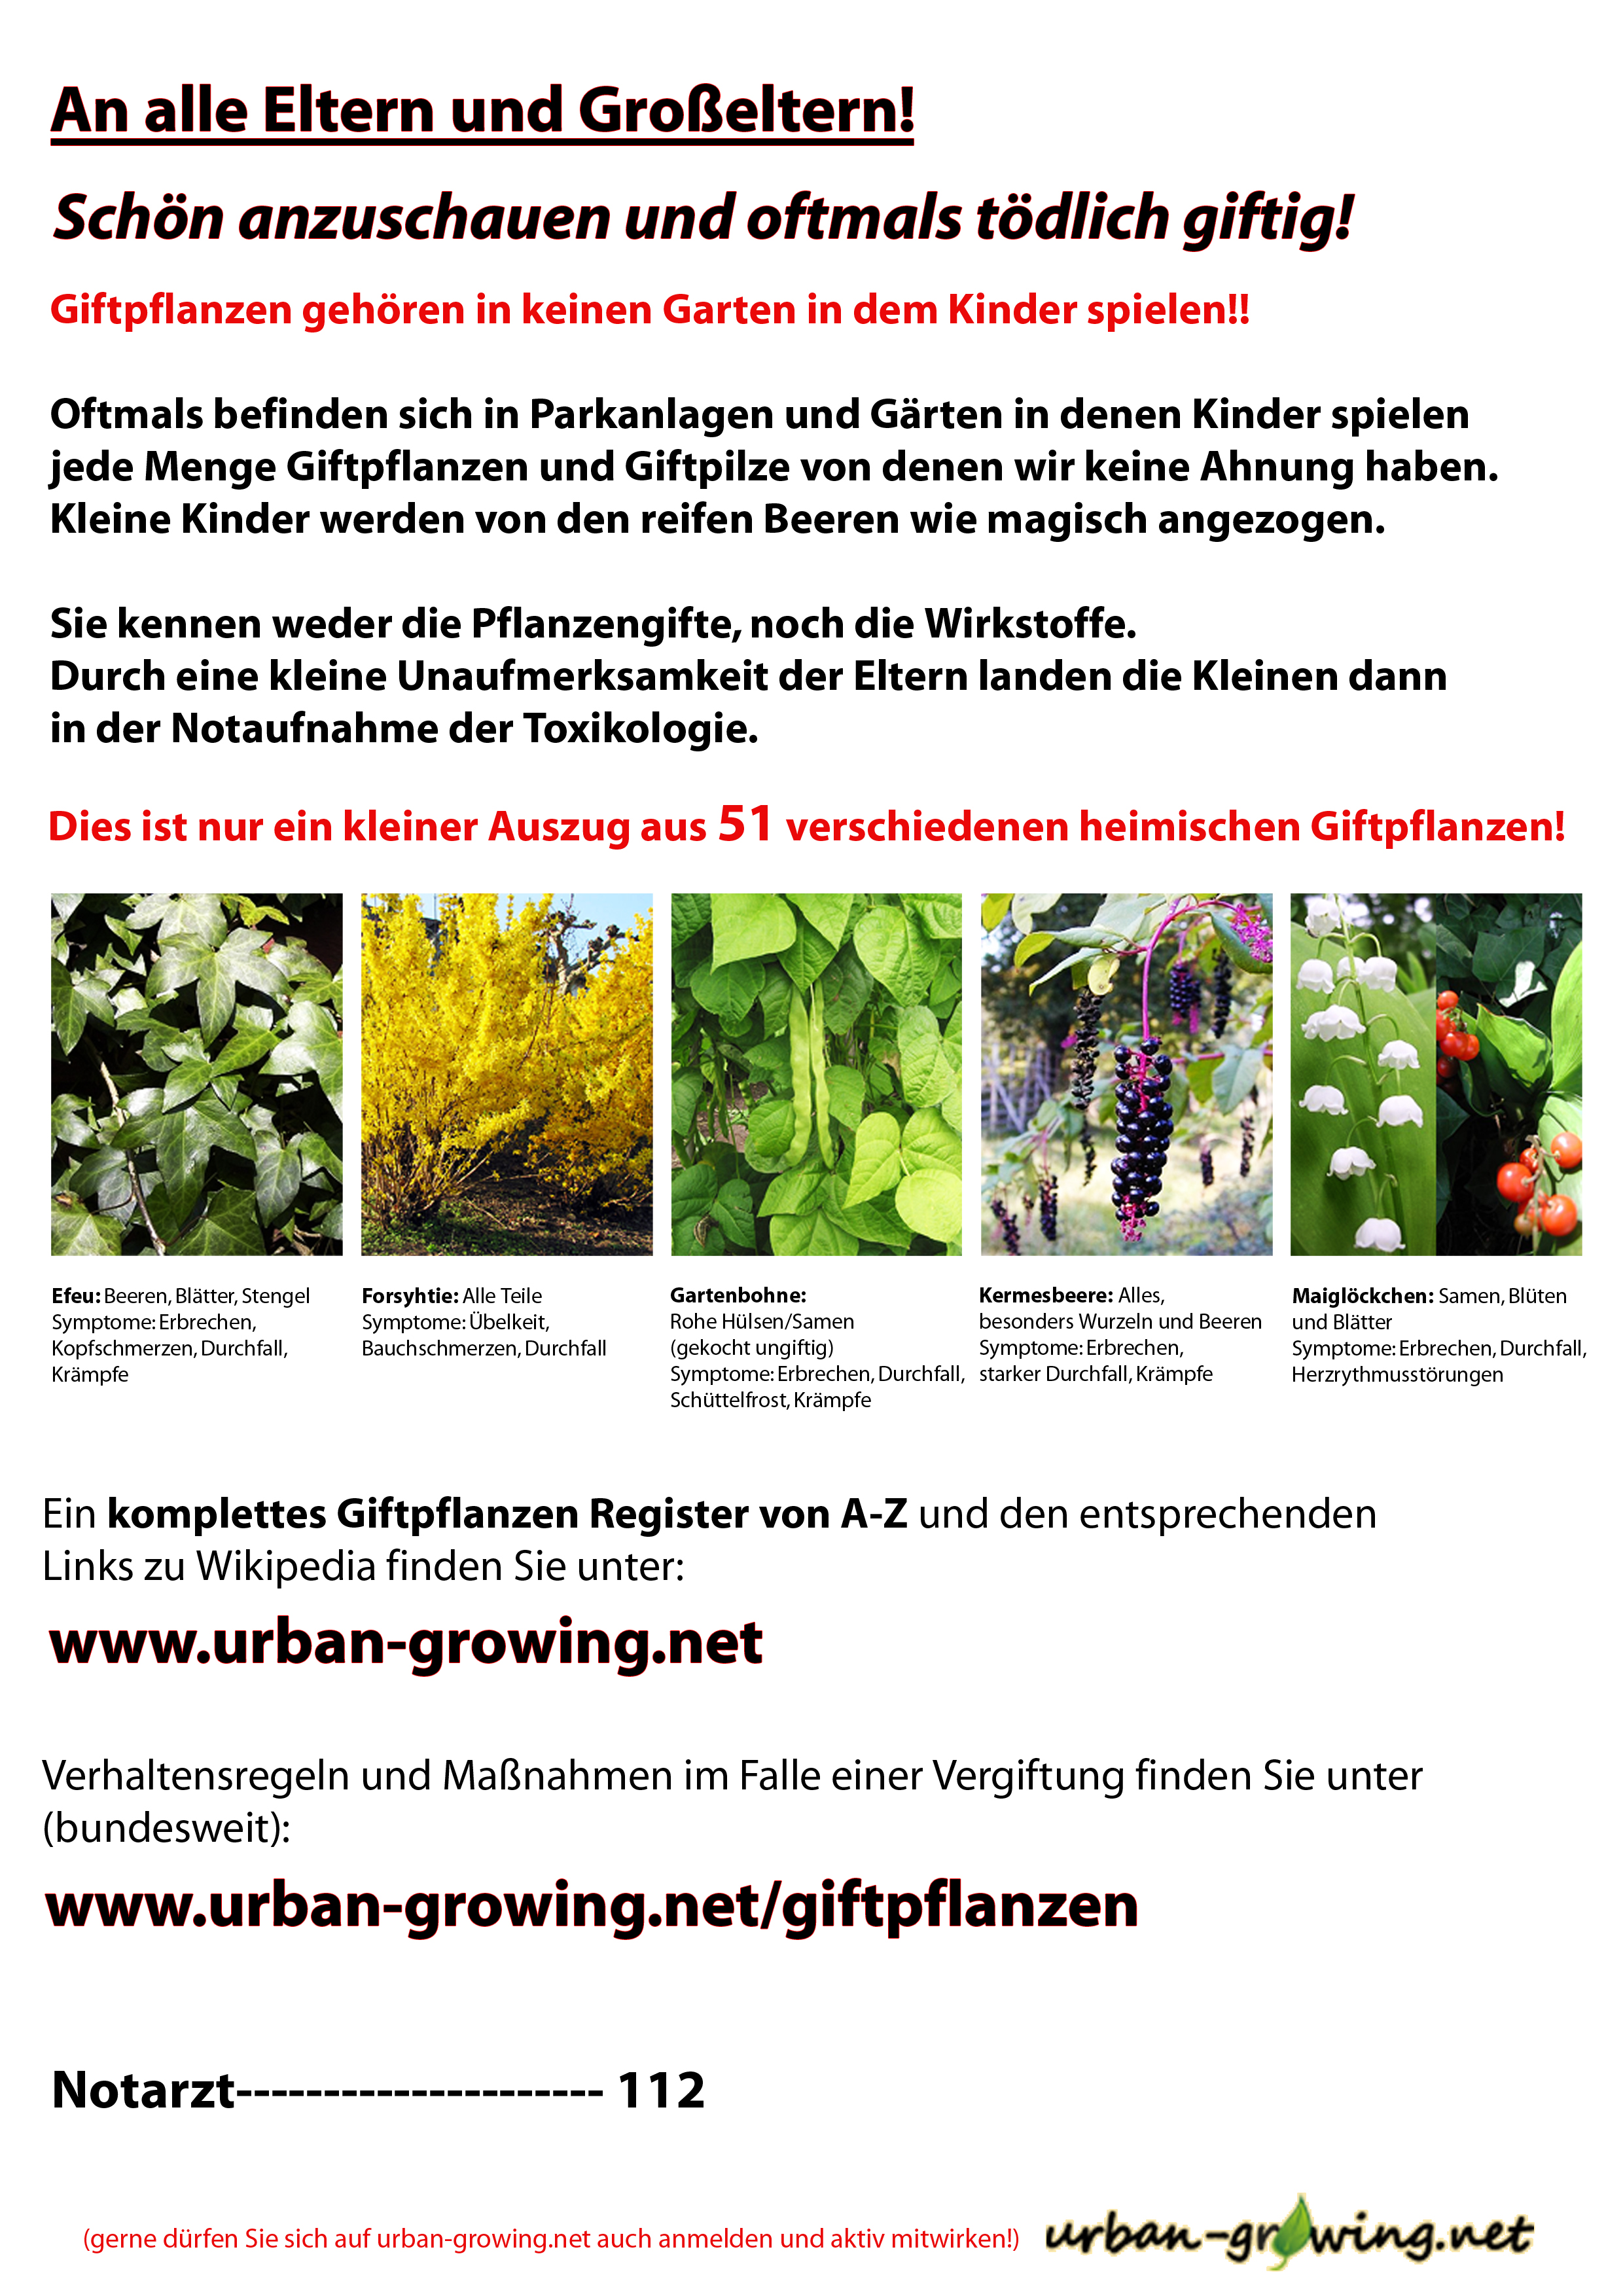 Giftpflanzen Aushang für Kindergärten und Schulen